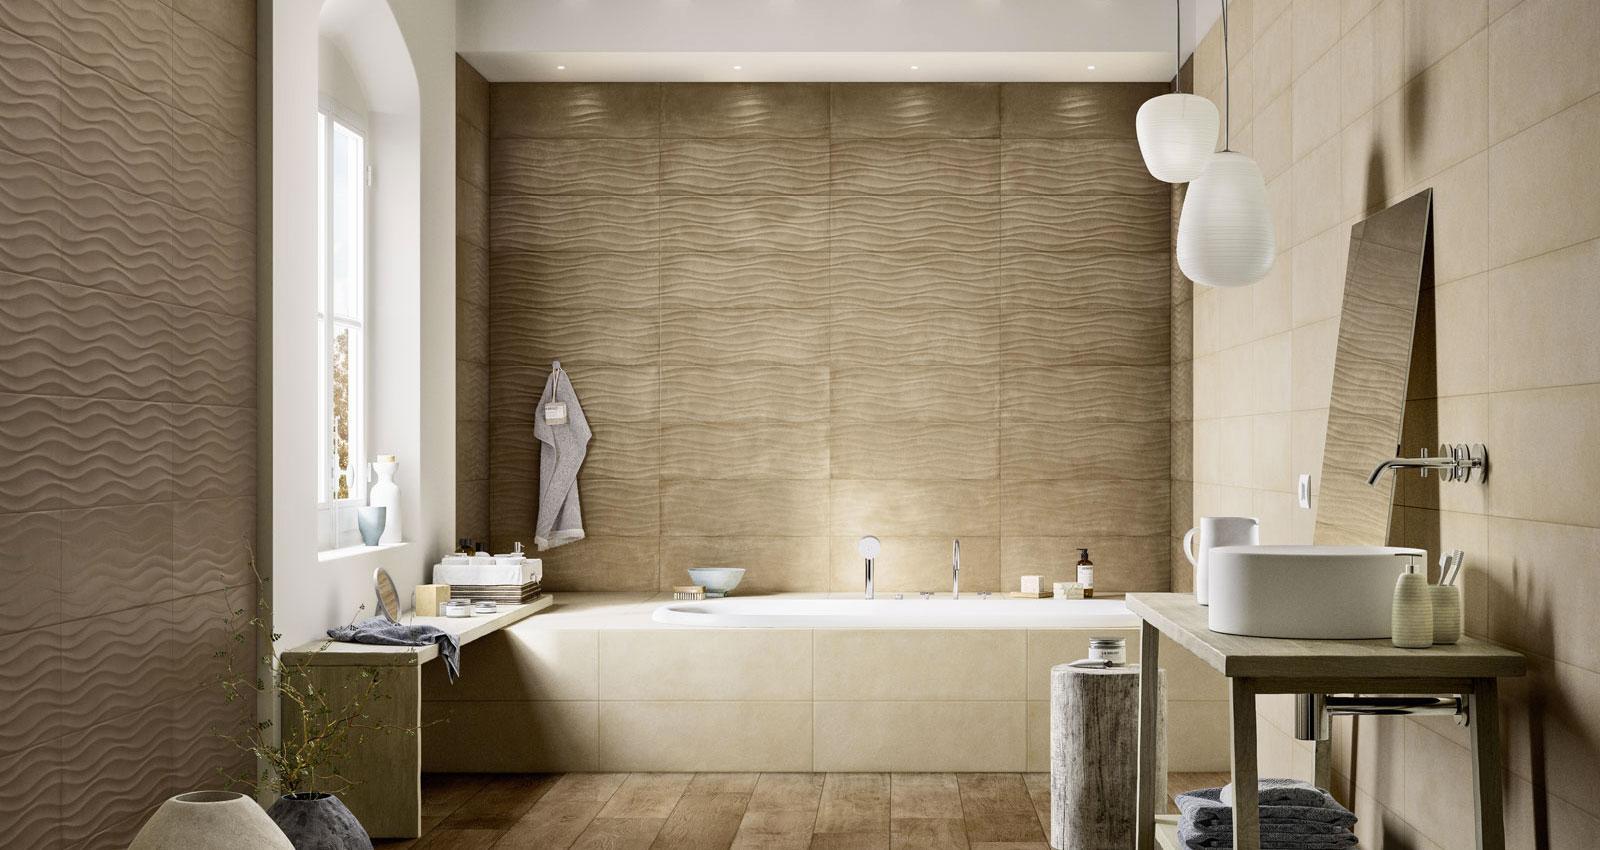 Clayline rivestimento per bagno marazzi - Piastrelle effetto cemento ...